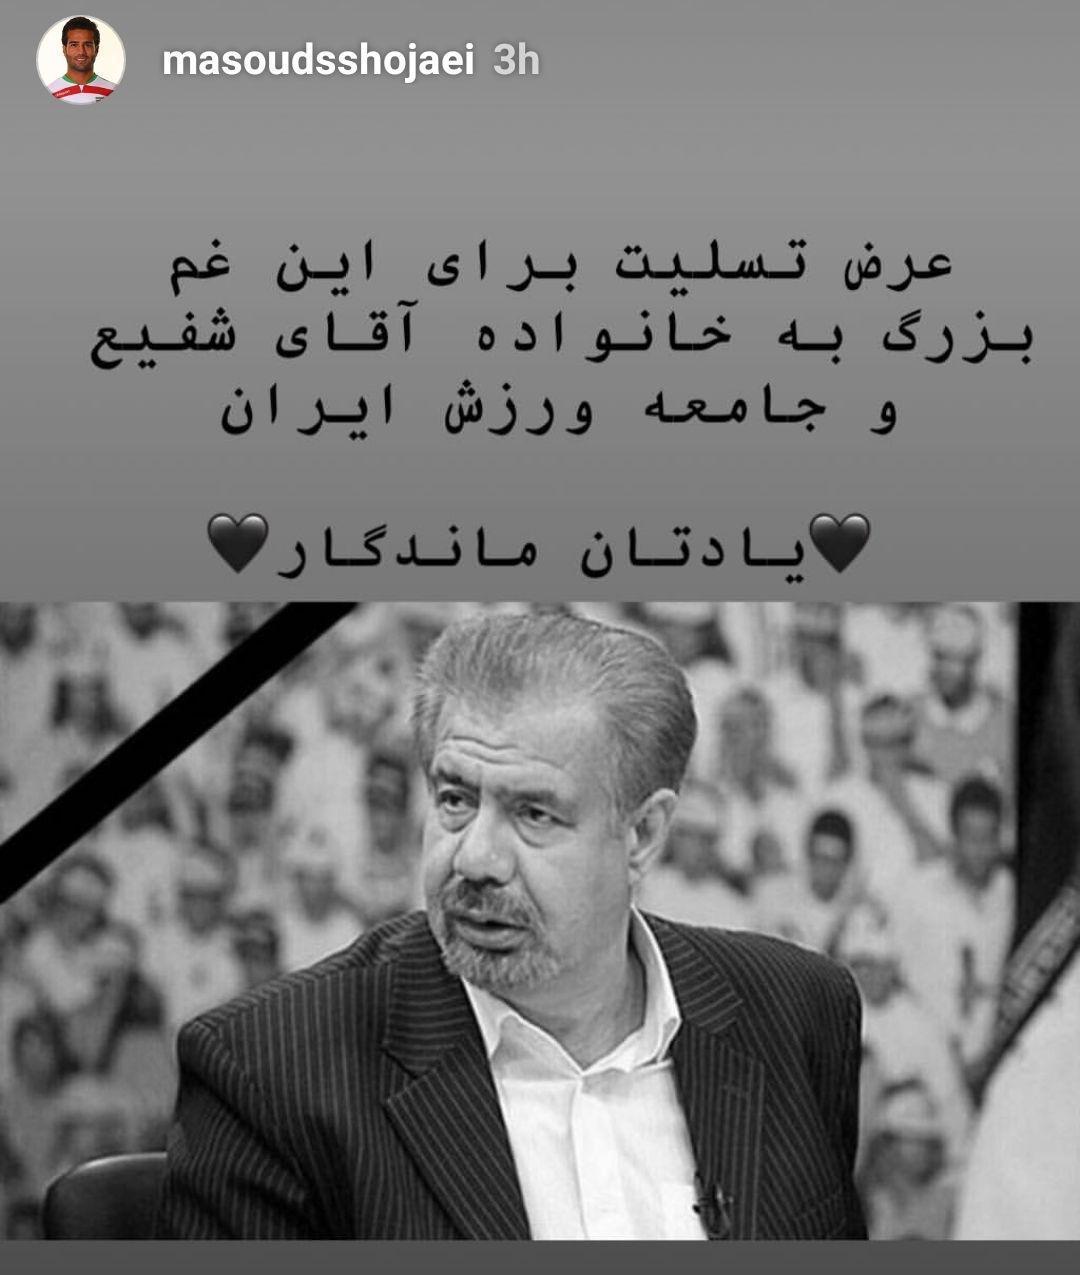 واکنش ها به خبر درگذشت بهرام شفیع,اخبار ورزشی,خبرهای ورزشی,اخبار ورزشکاران